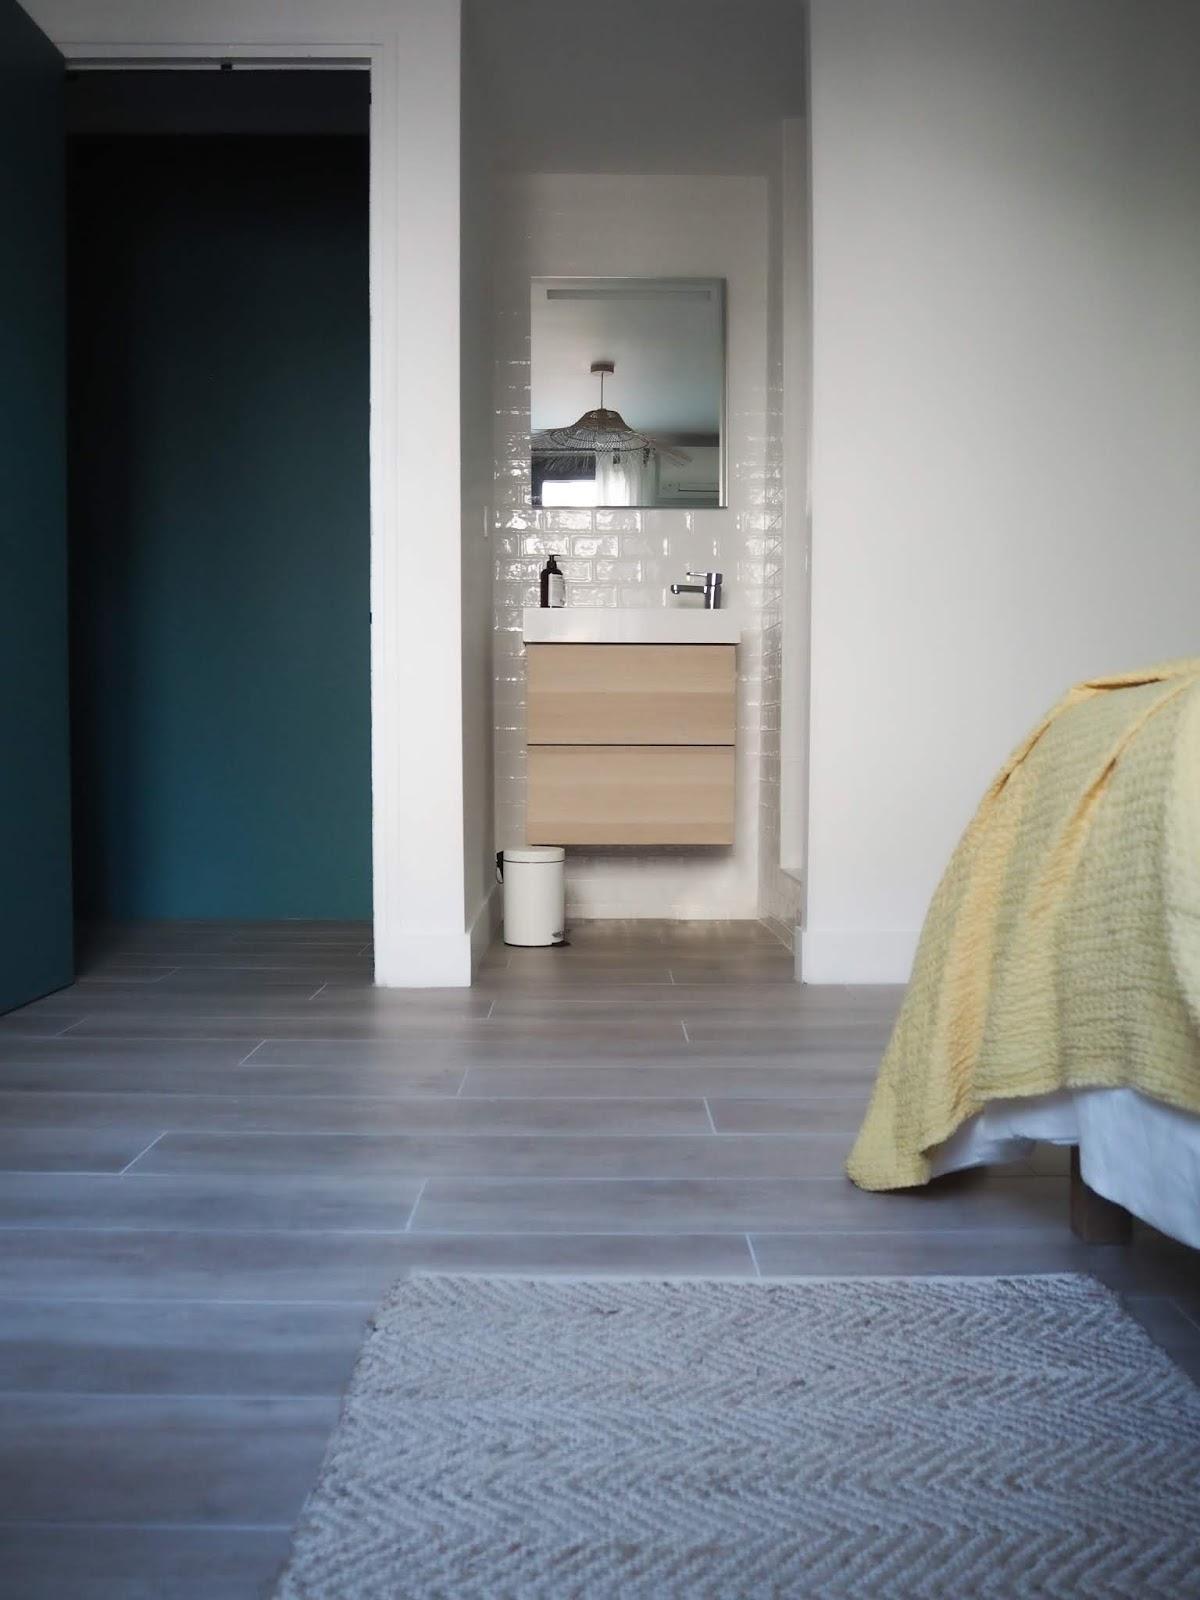 décoration d'intérieur - aix en provence - ilaria fatone- maison paulette - mini salle de bains étage